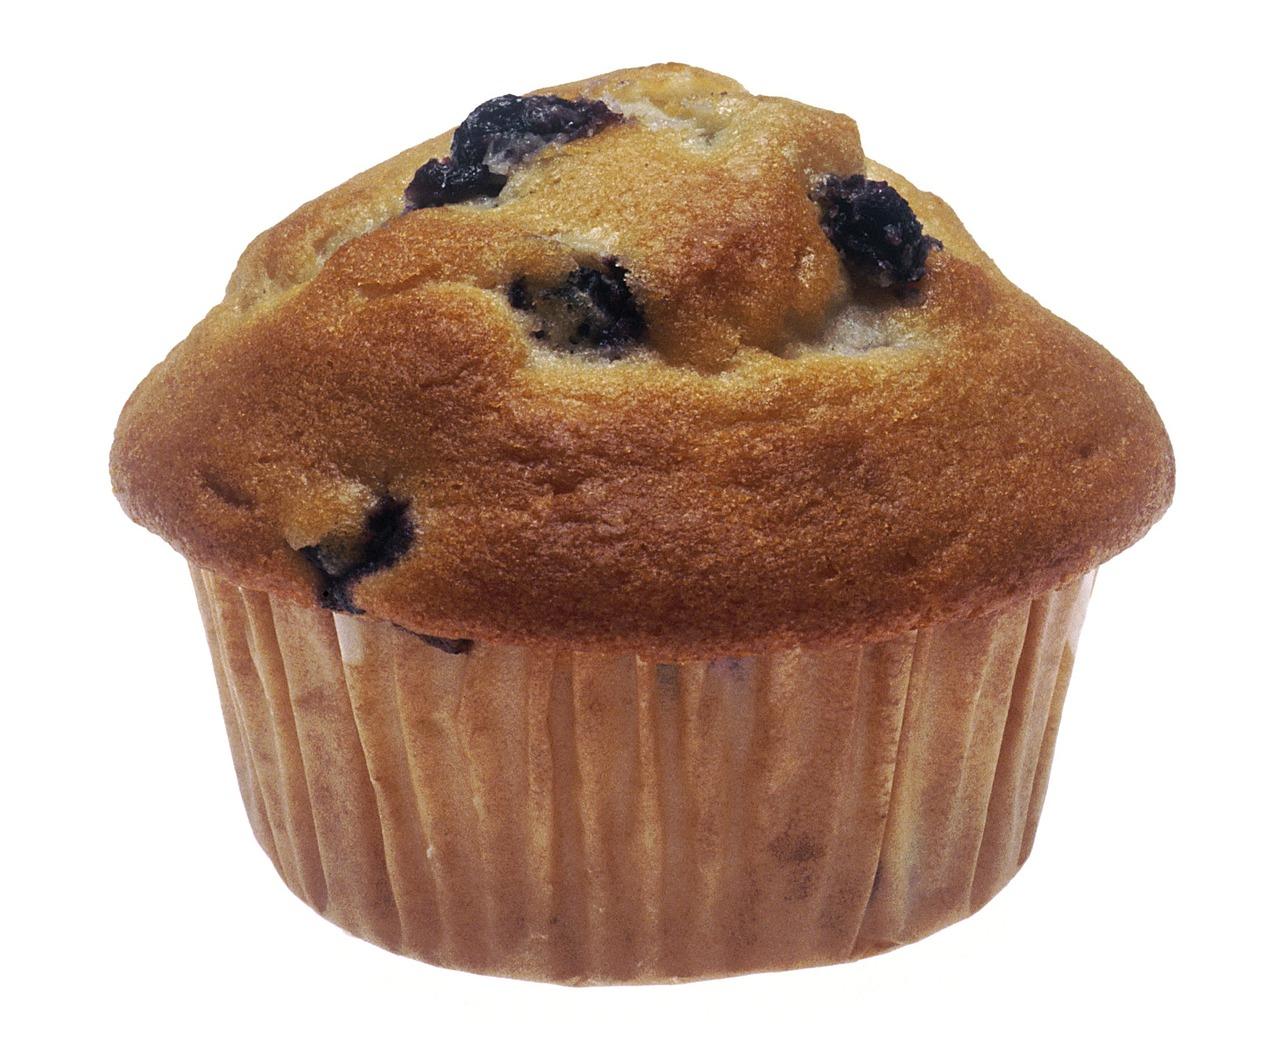 muffin-713096_1280